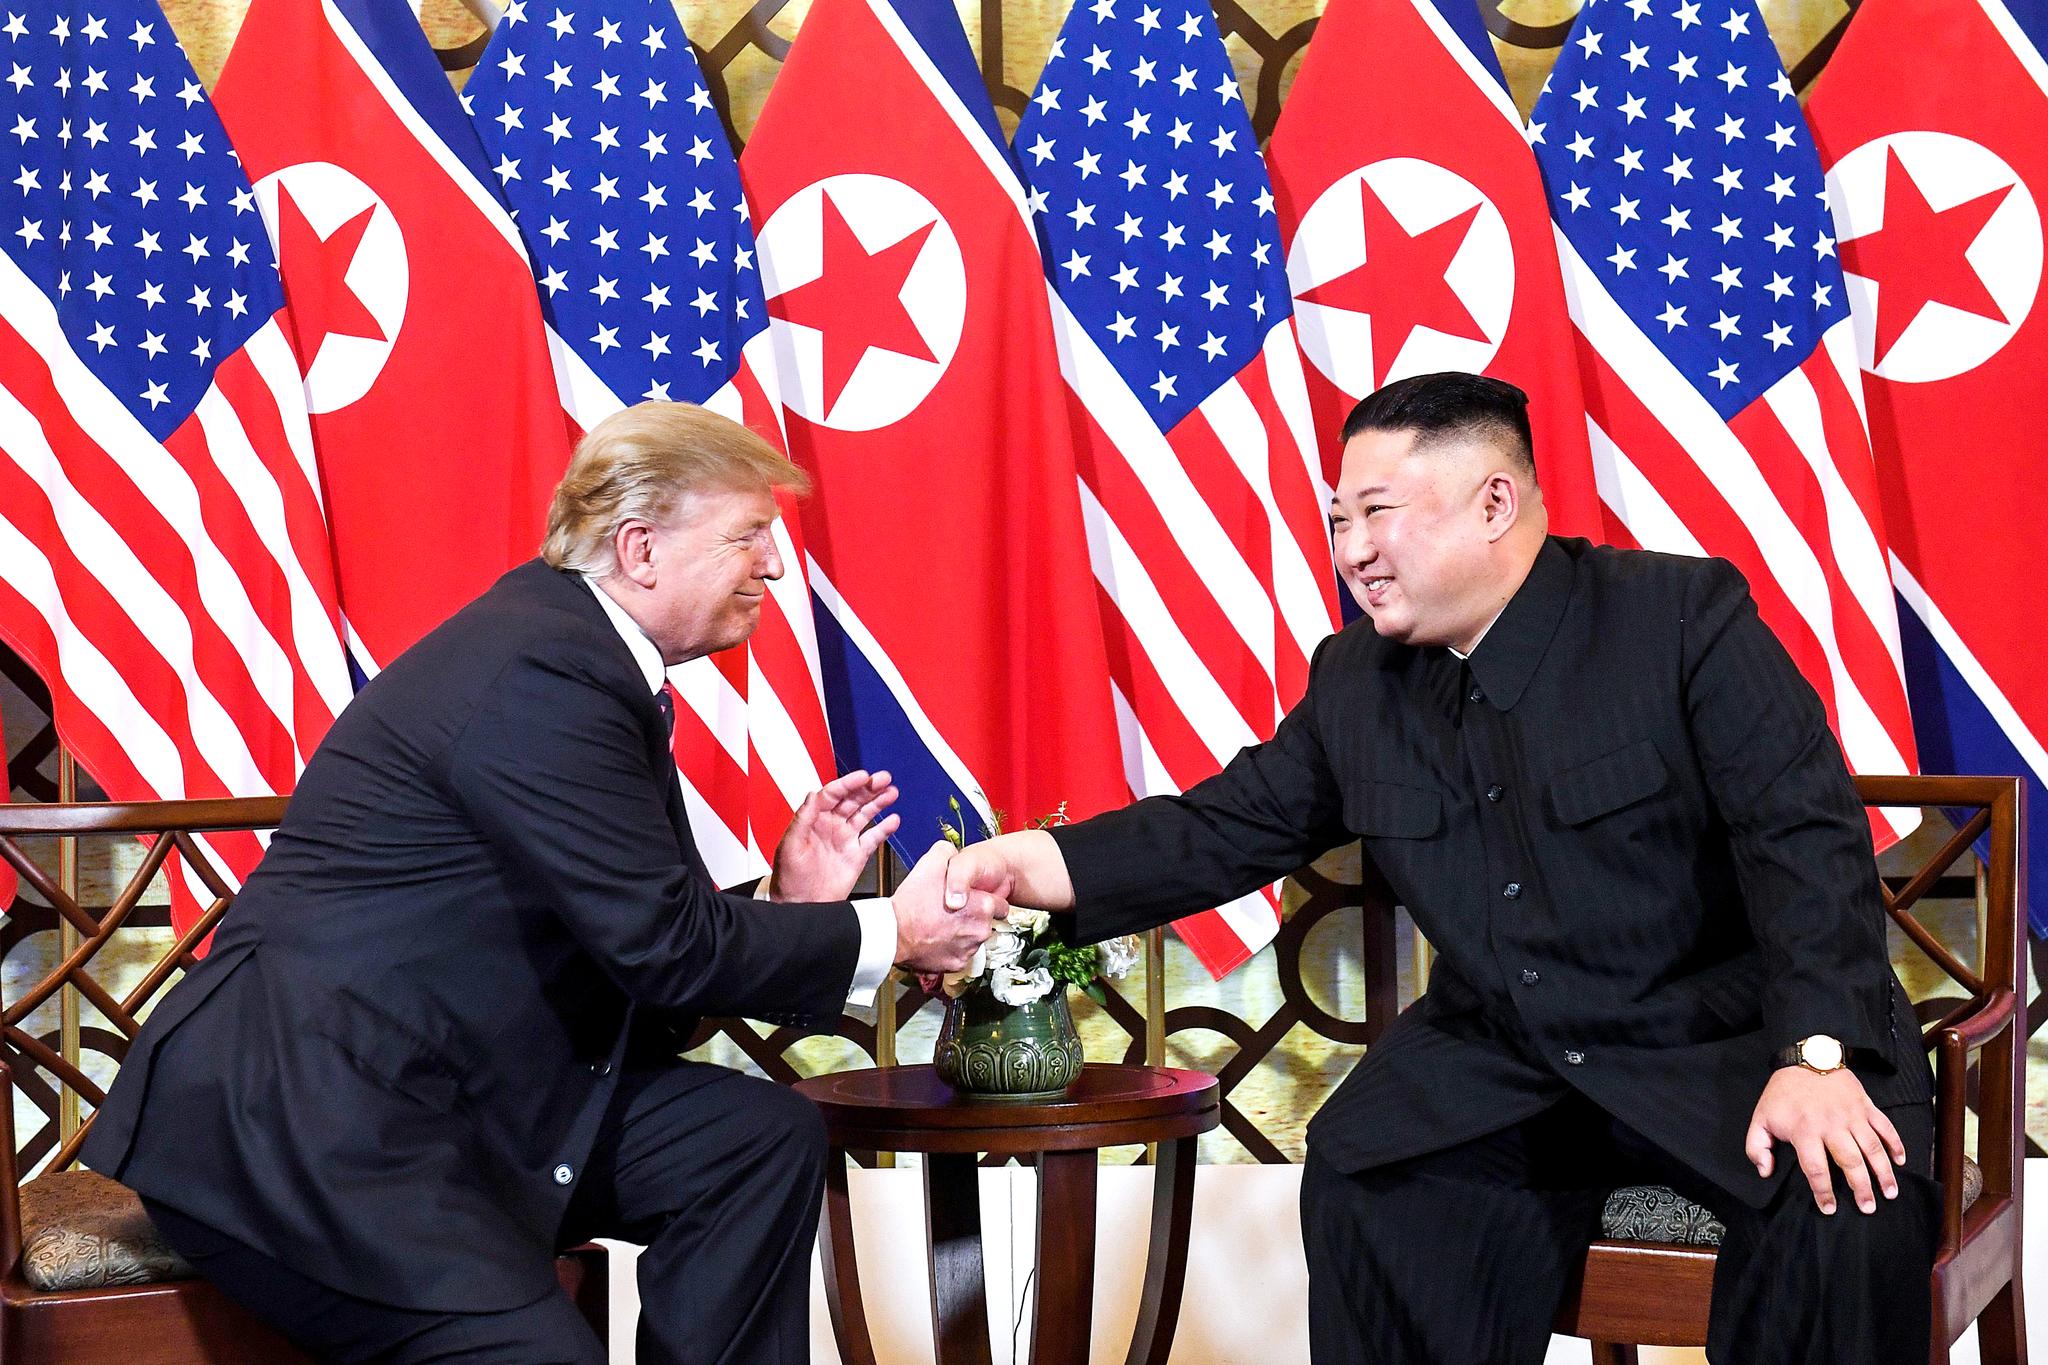 도널드 트럼프 미 대통령과 김정은 북한 국무위원장이 2월 27일 베트남 하노이 소페텔 레전드 메트로폴 호텔에서 두번째 만남을 갖고 악수를 나누고 있다. [EPA=연합뉴스]